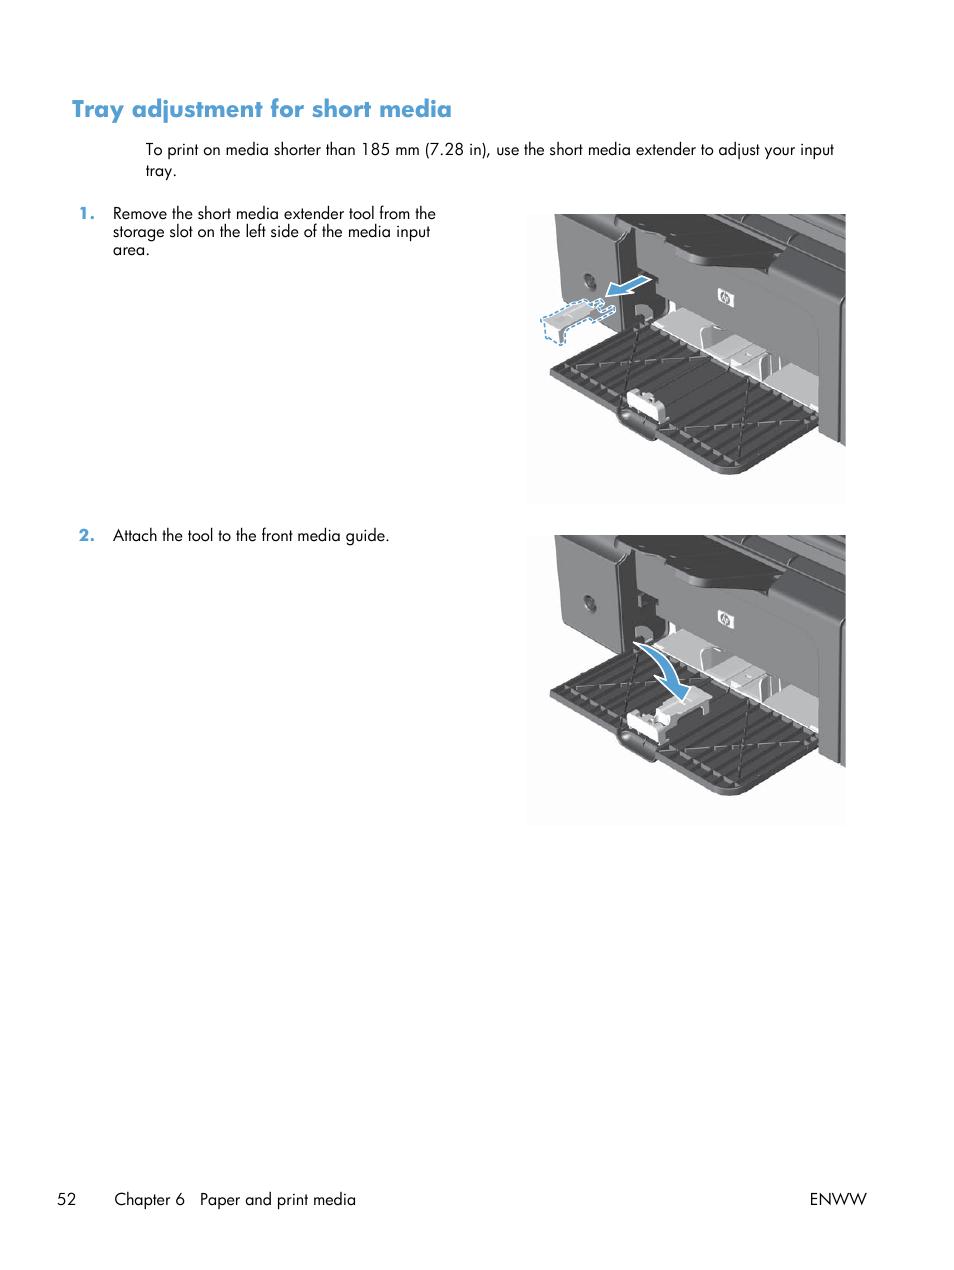 tray adjustment for short media hp laserjet m1212nf user manual rh manualsdir com HP CM2320nf MFP Driver HP LaserJet M4555 MFP